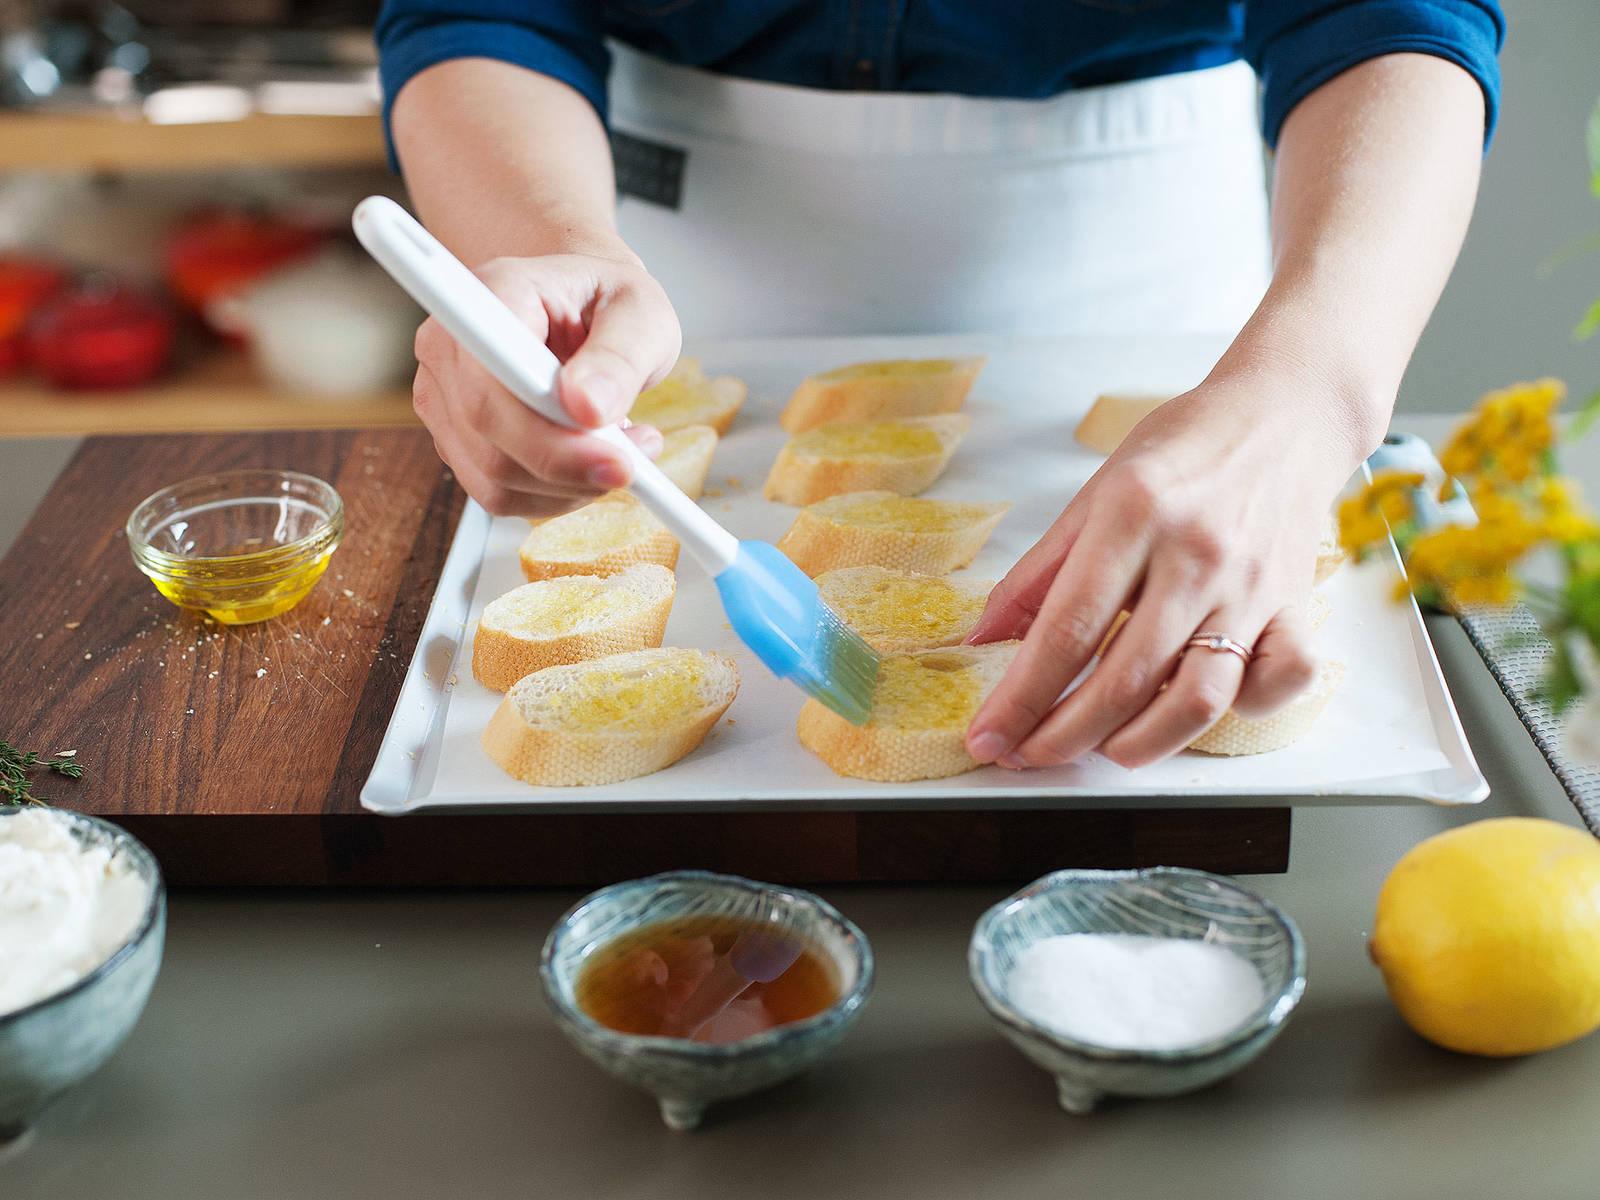 将面包两面都刷上橄榄油。以200度烤至金棕色,约需15分钟。从烤箱中取出面包,静置放凉。